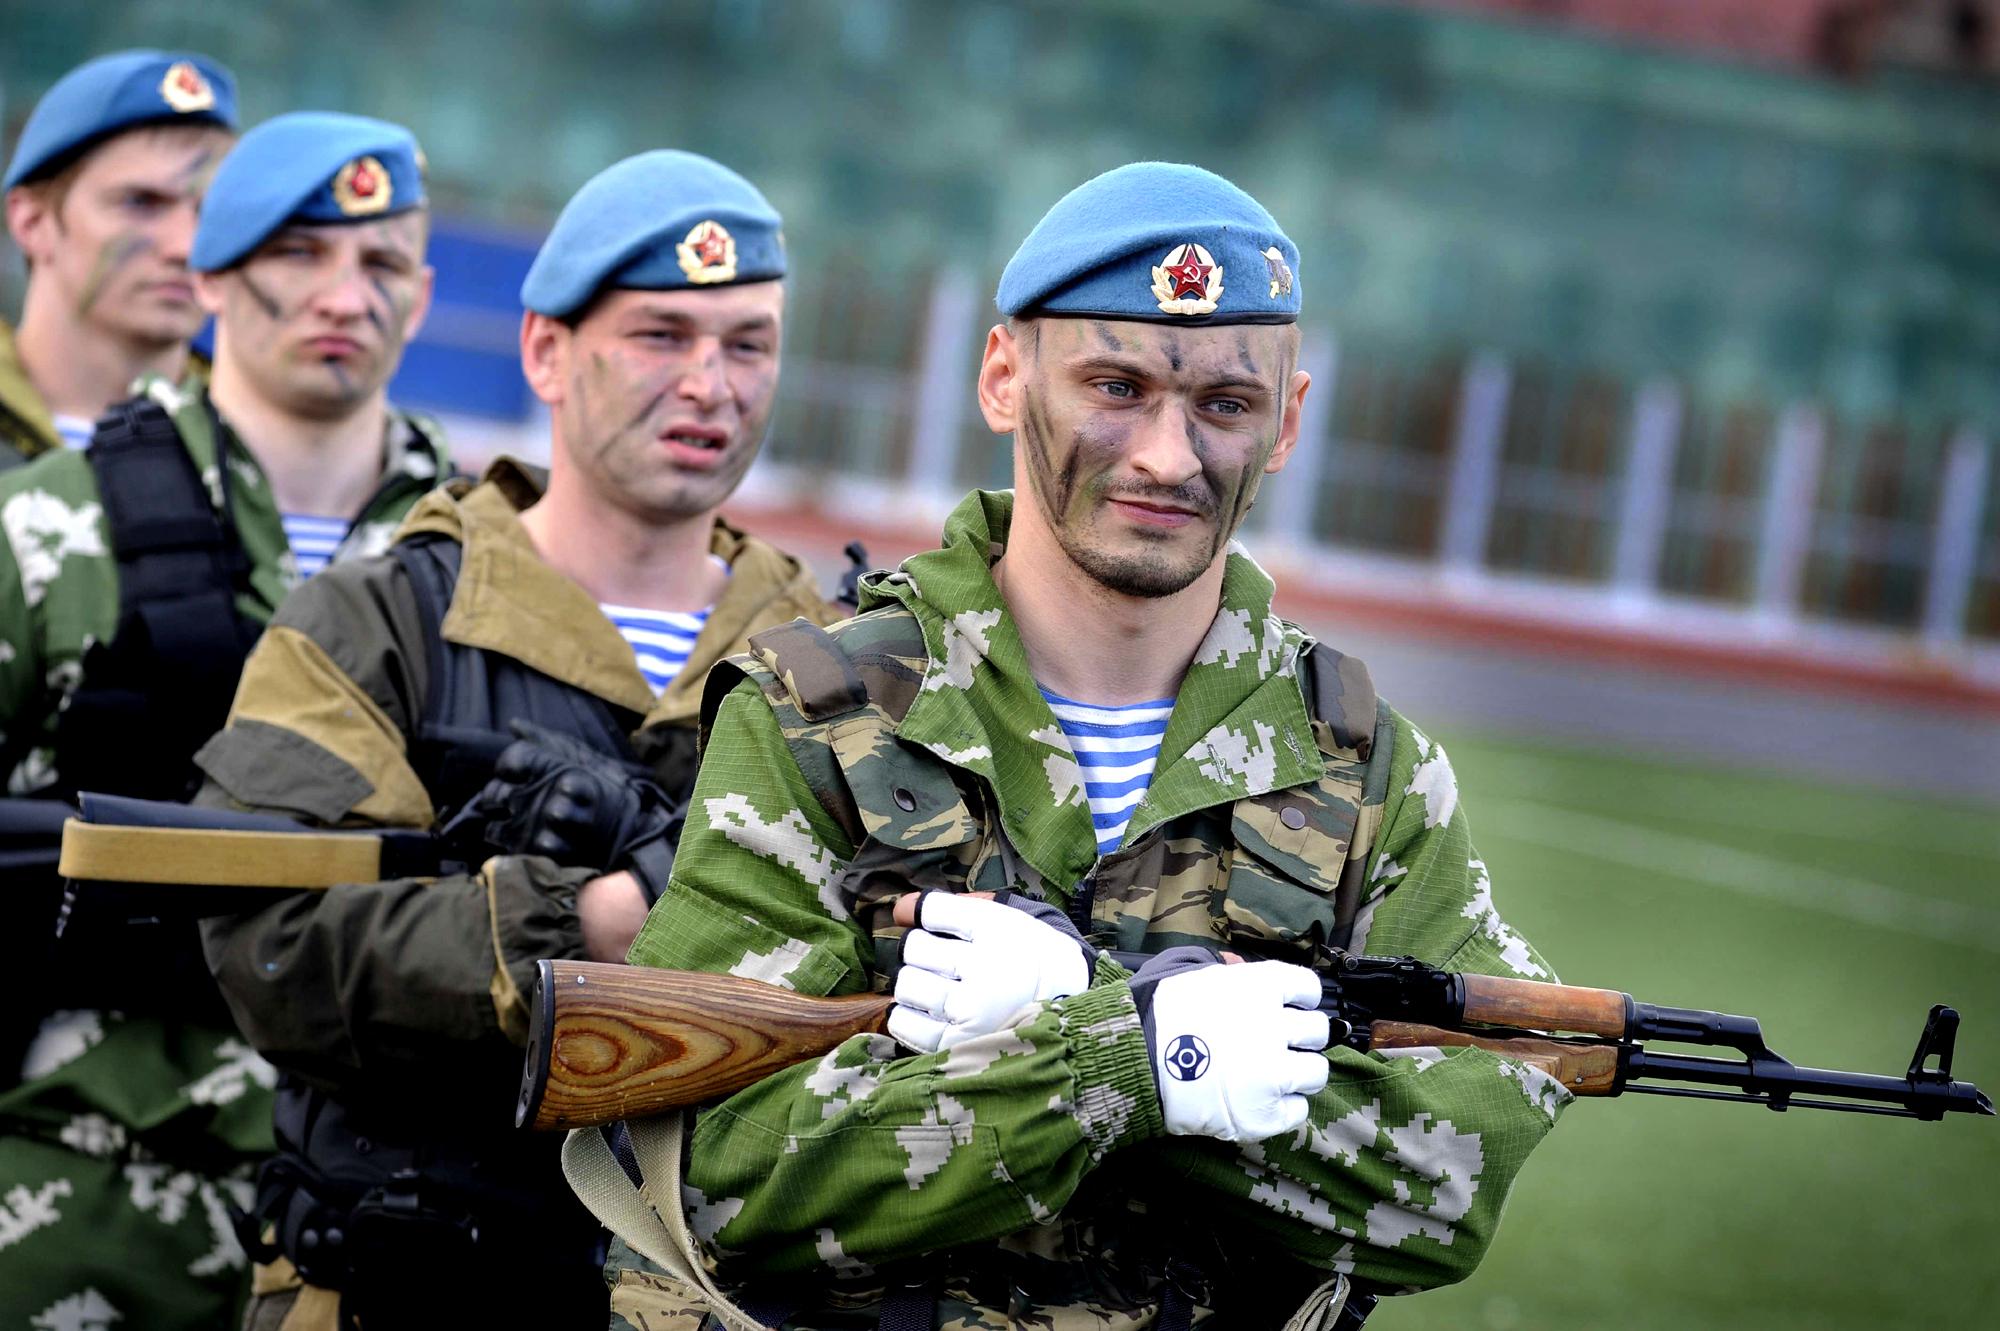 картинка десантника в голубом берете бывают специфические